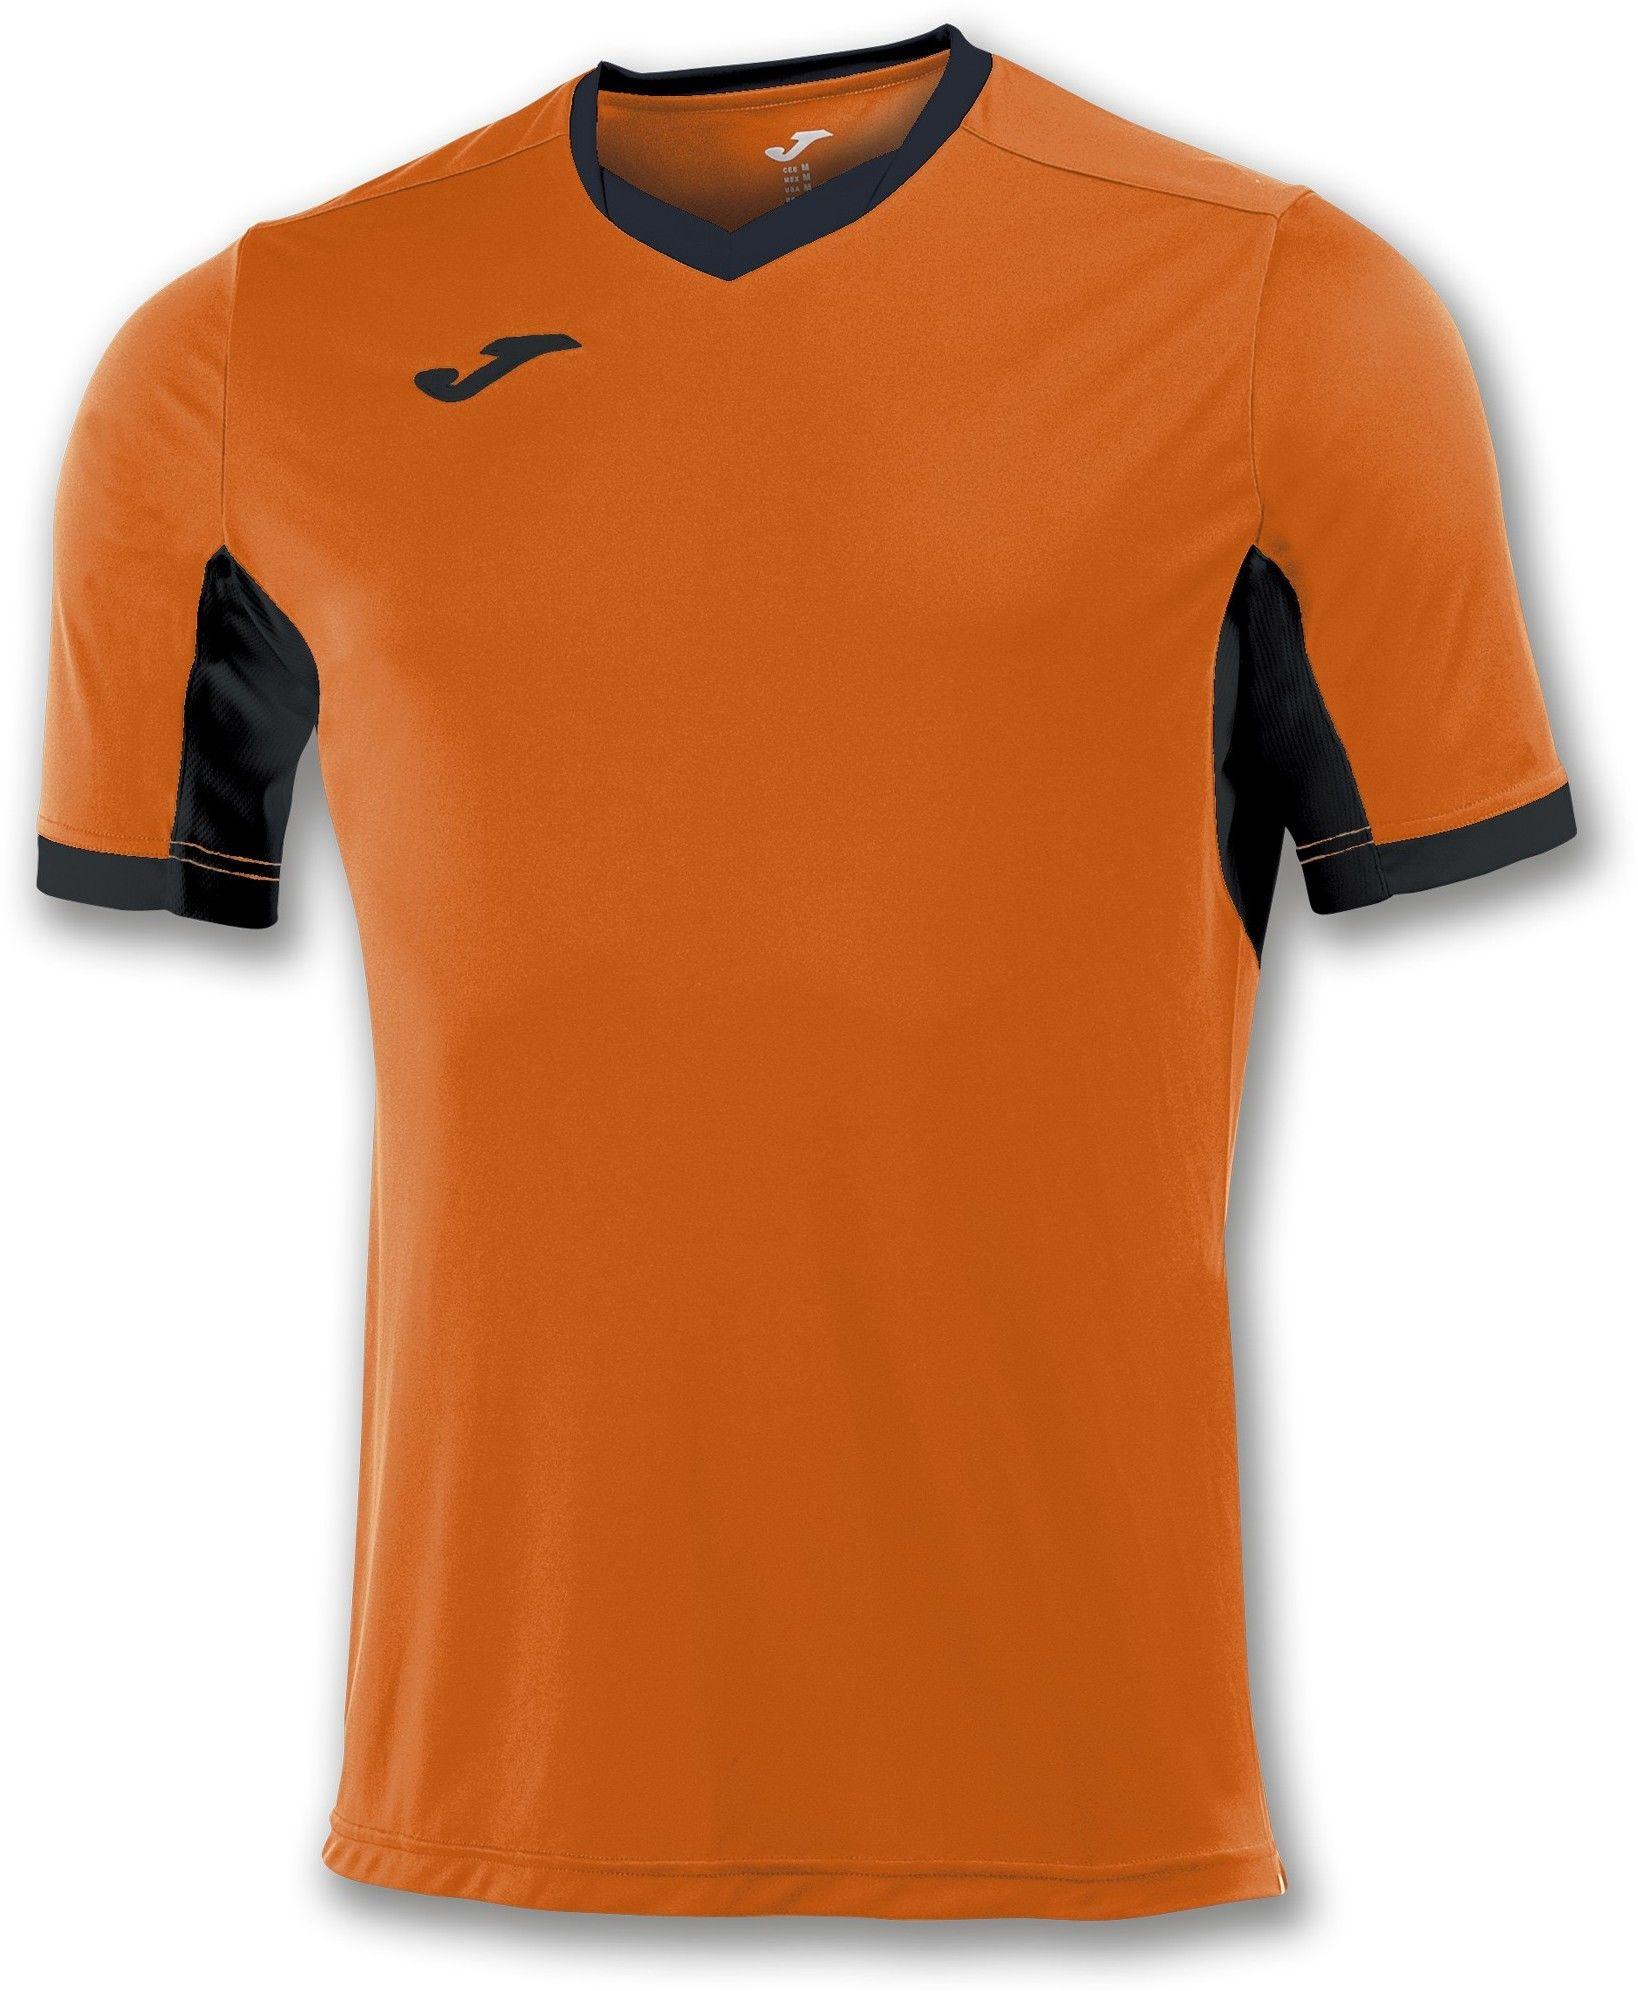 Koszulka Joma Champion IV orange/black (10 szt.)